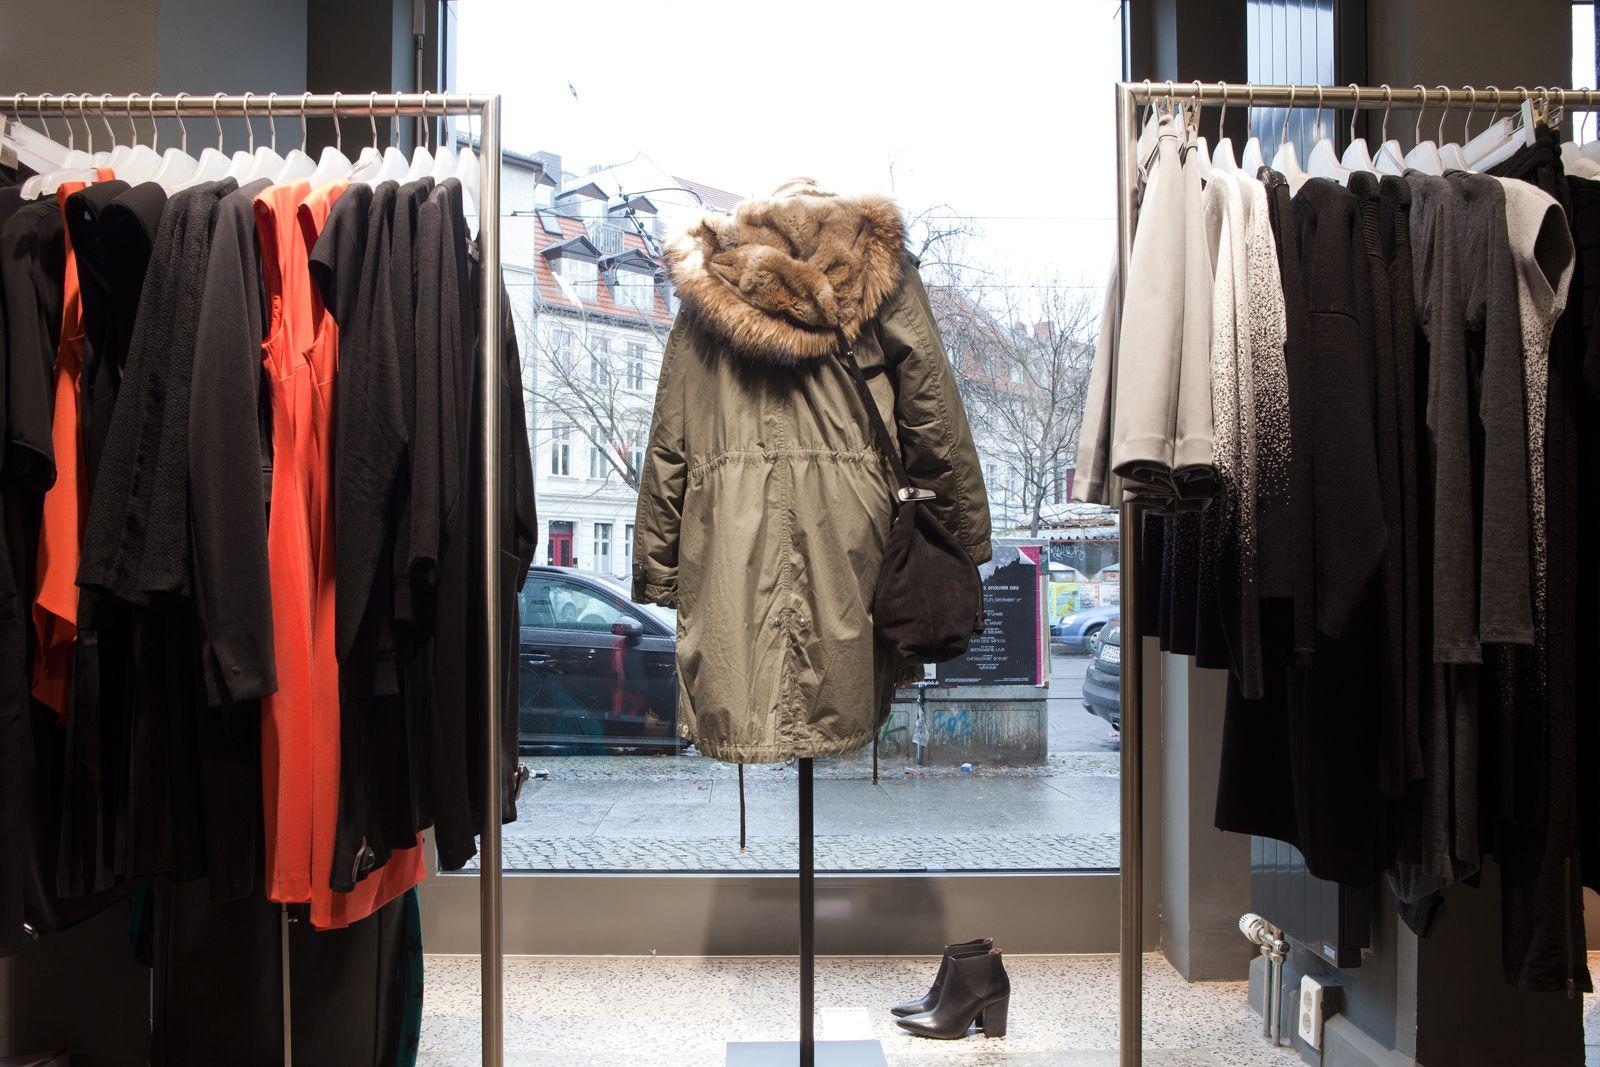 Greta & Luis | Our multi brand store at Rosenthaler Str. 15 in Berlin Mitte #gretaundluis #retail #design